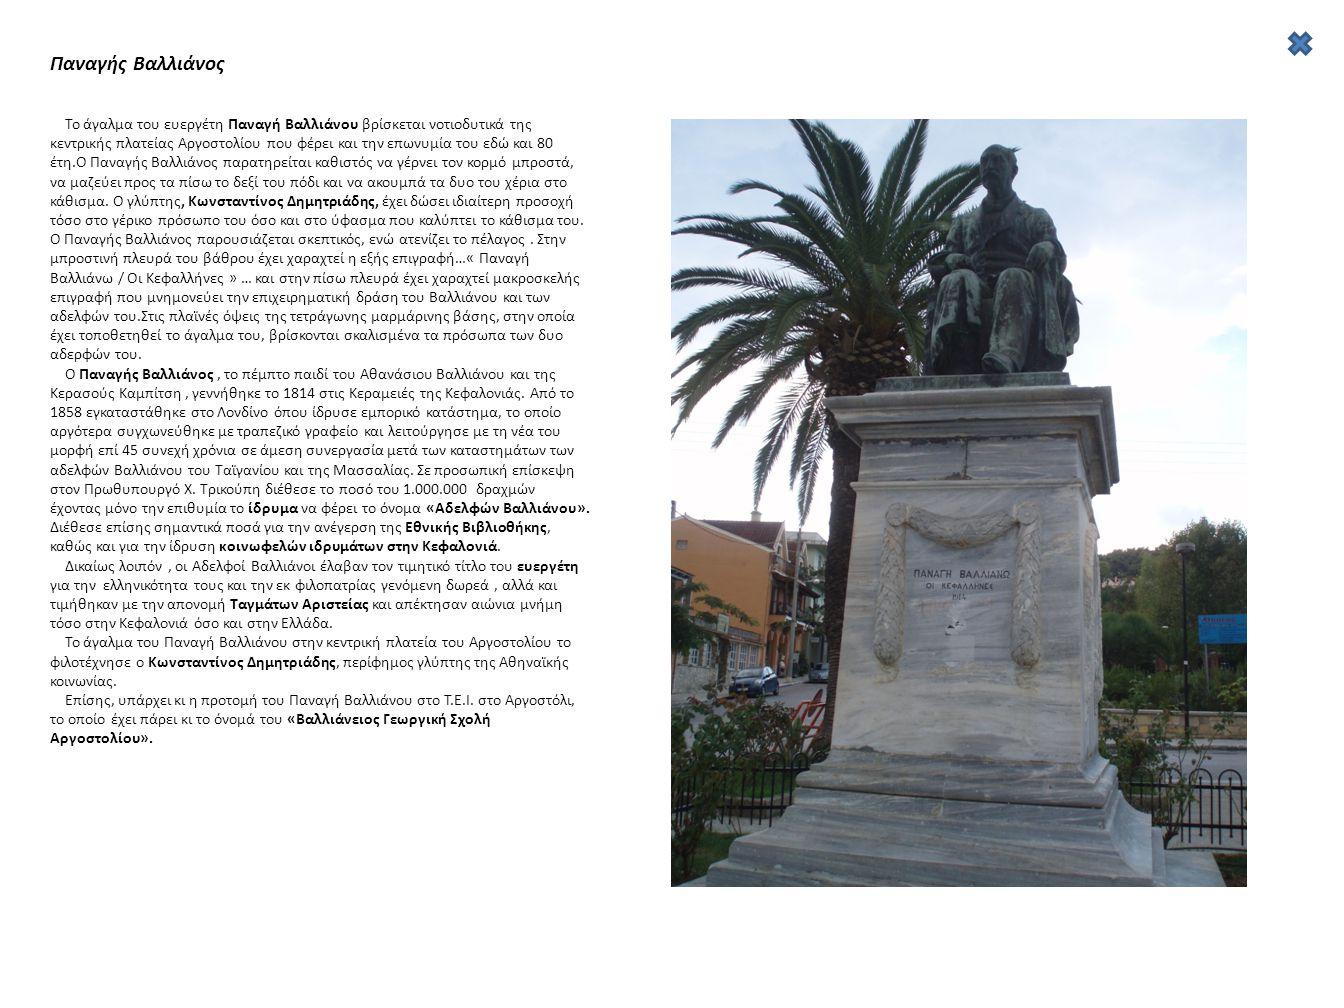 Παναγής Βαλλιάνος Το άγαλμα του ευεργέτη Παναγή Βαλλιάνου βρίσκεται νοτιοδυτικά της κεντρικής πλατείας Αργοστολίου που φέρει και την επωνυμία του εδώ